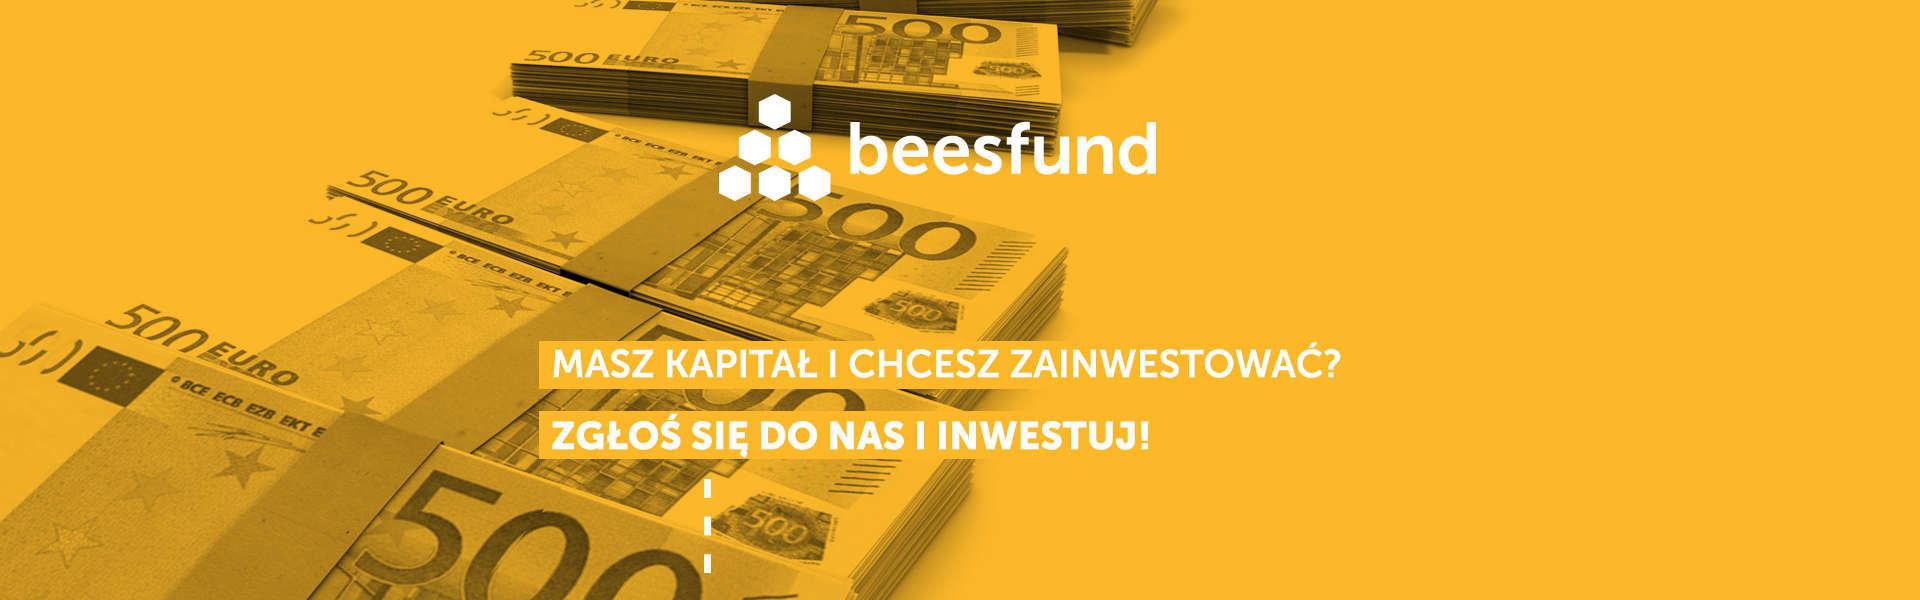 Polski crowdfunding udziałowy rośnie w siłę. Kolejna udana akcja na platformie Beesfund.